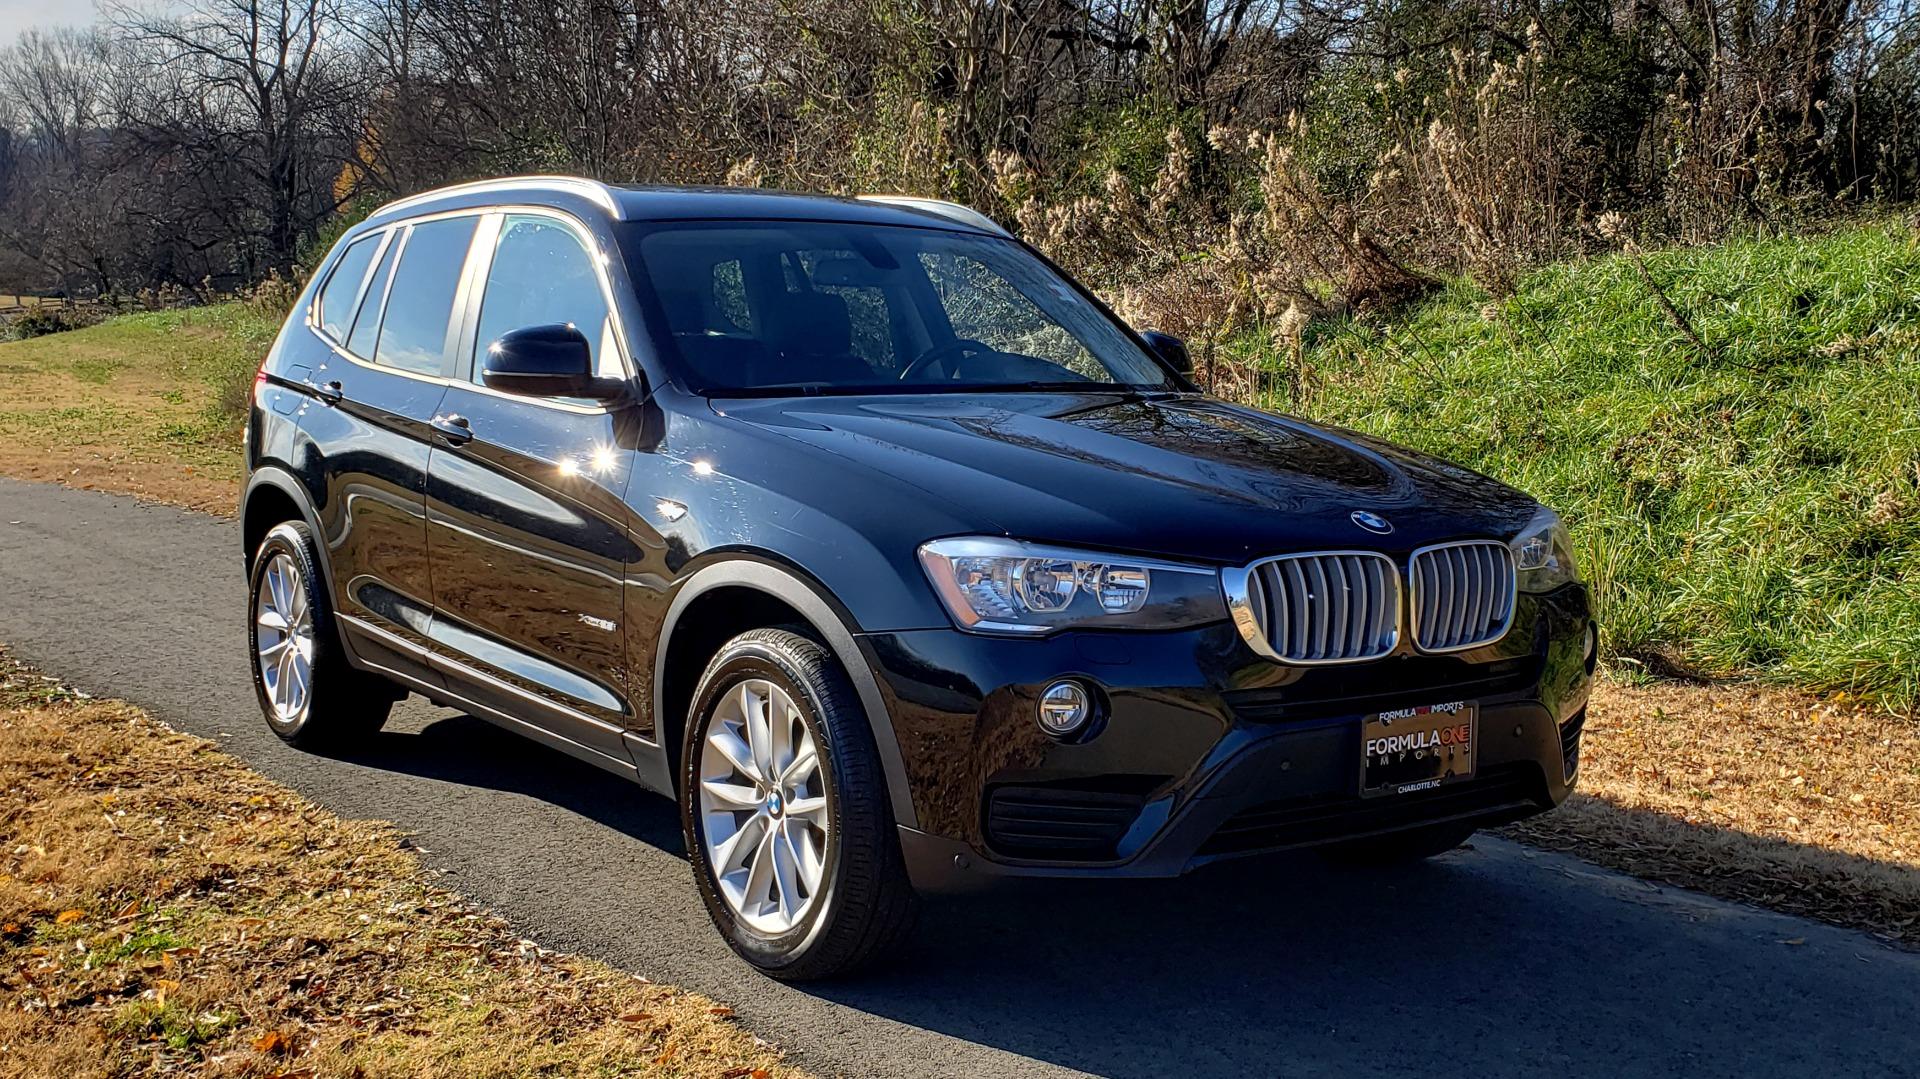 Used 2017 BMW X3 XDRIVE28I / PREM PKG / NAV / DRVR ASST / HTD STS / CAMERAS for sale Sold at Formula Imports in Charlotte NC 28227 5